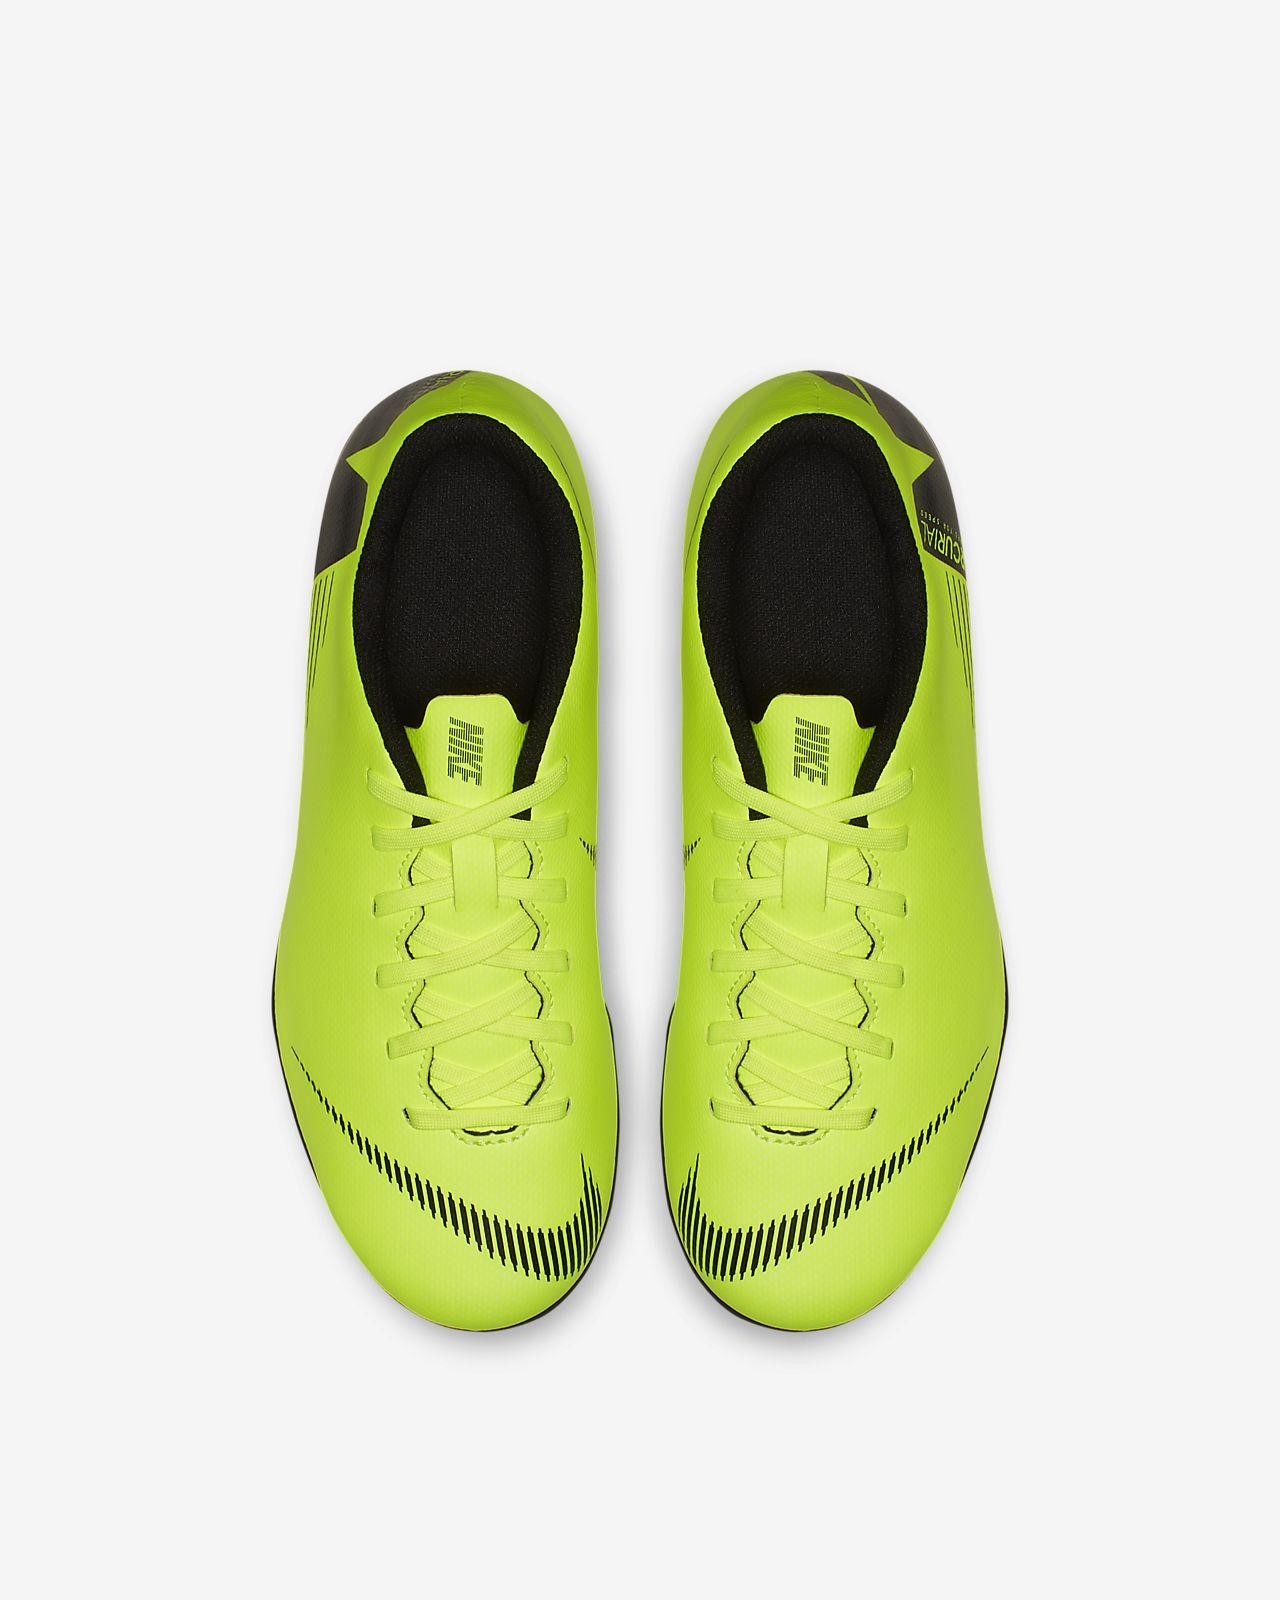 on sale 42282 9191a ... Nike Jr. Vapor 12 Club MG fotballsko til flere underlag til store barn